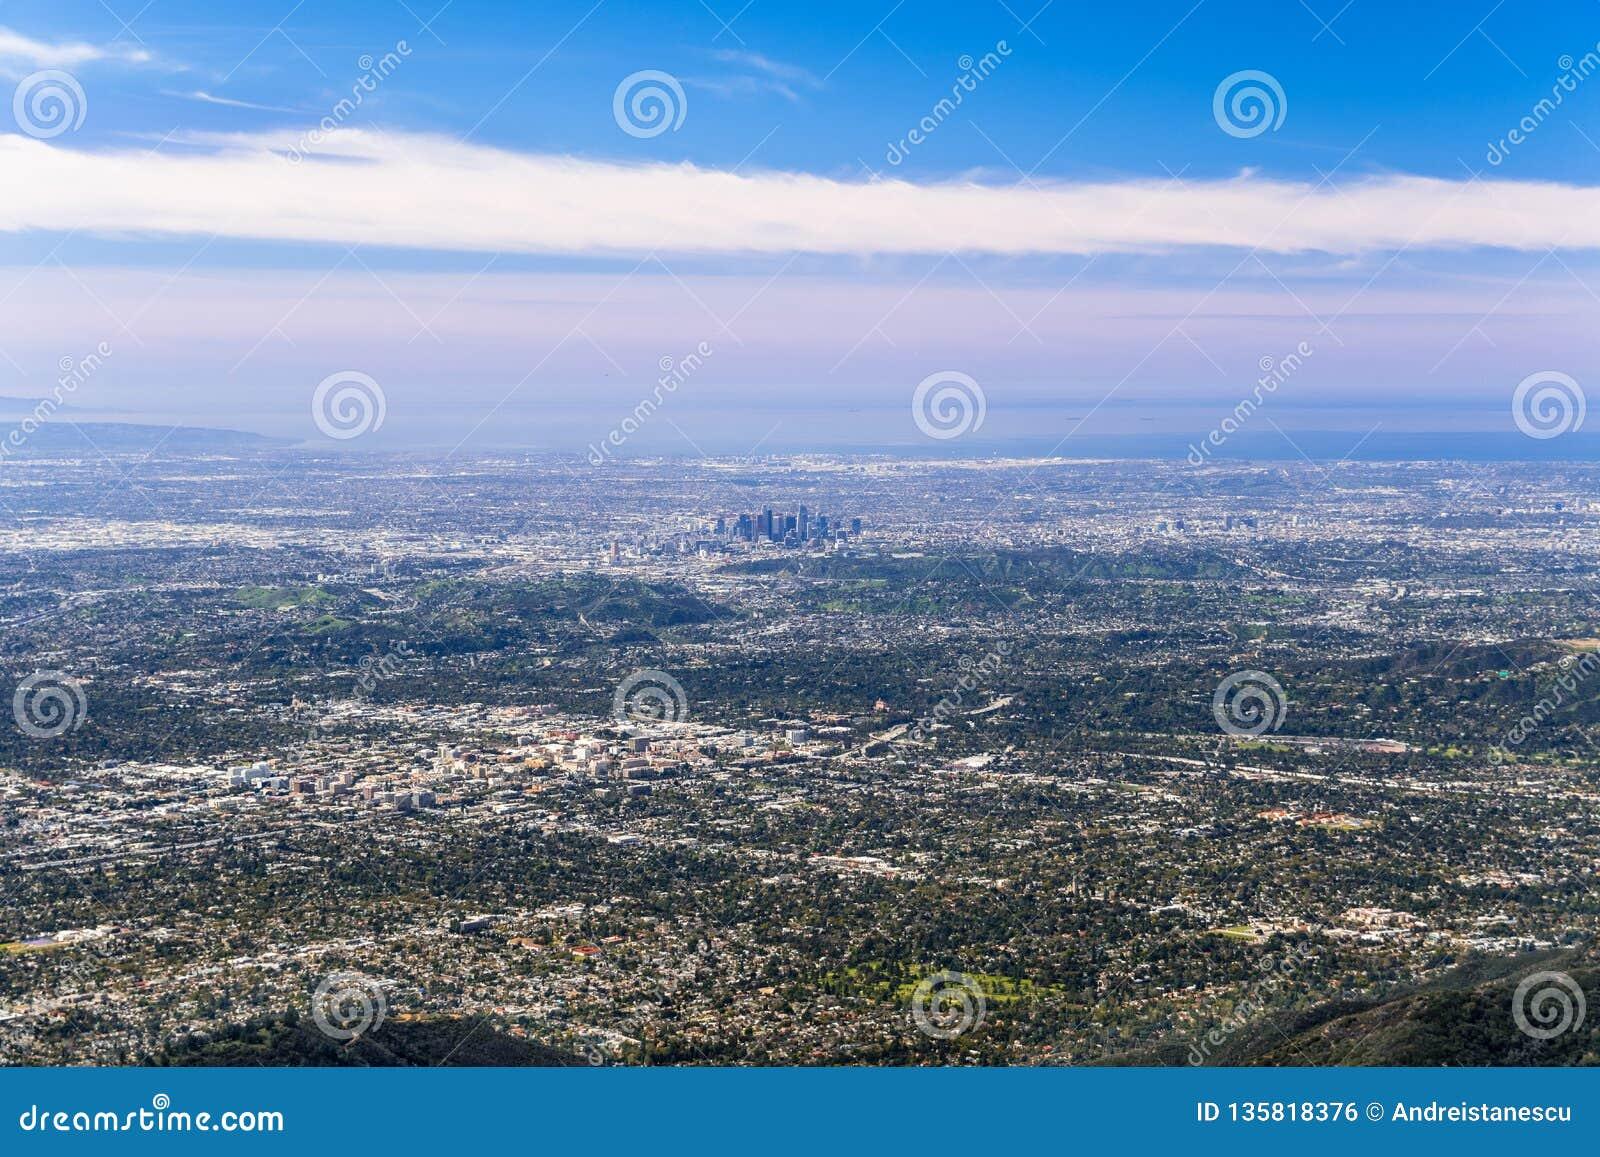 Vista aérea panorámica del centro de la ciudad de Los Angeles y la zona metropolitana que la rodea; Pasadena en el primero plano;